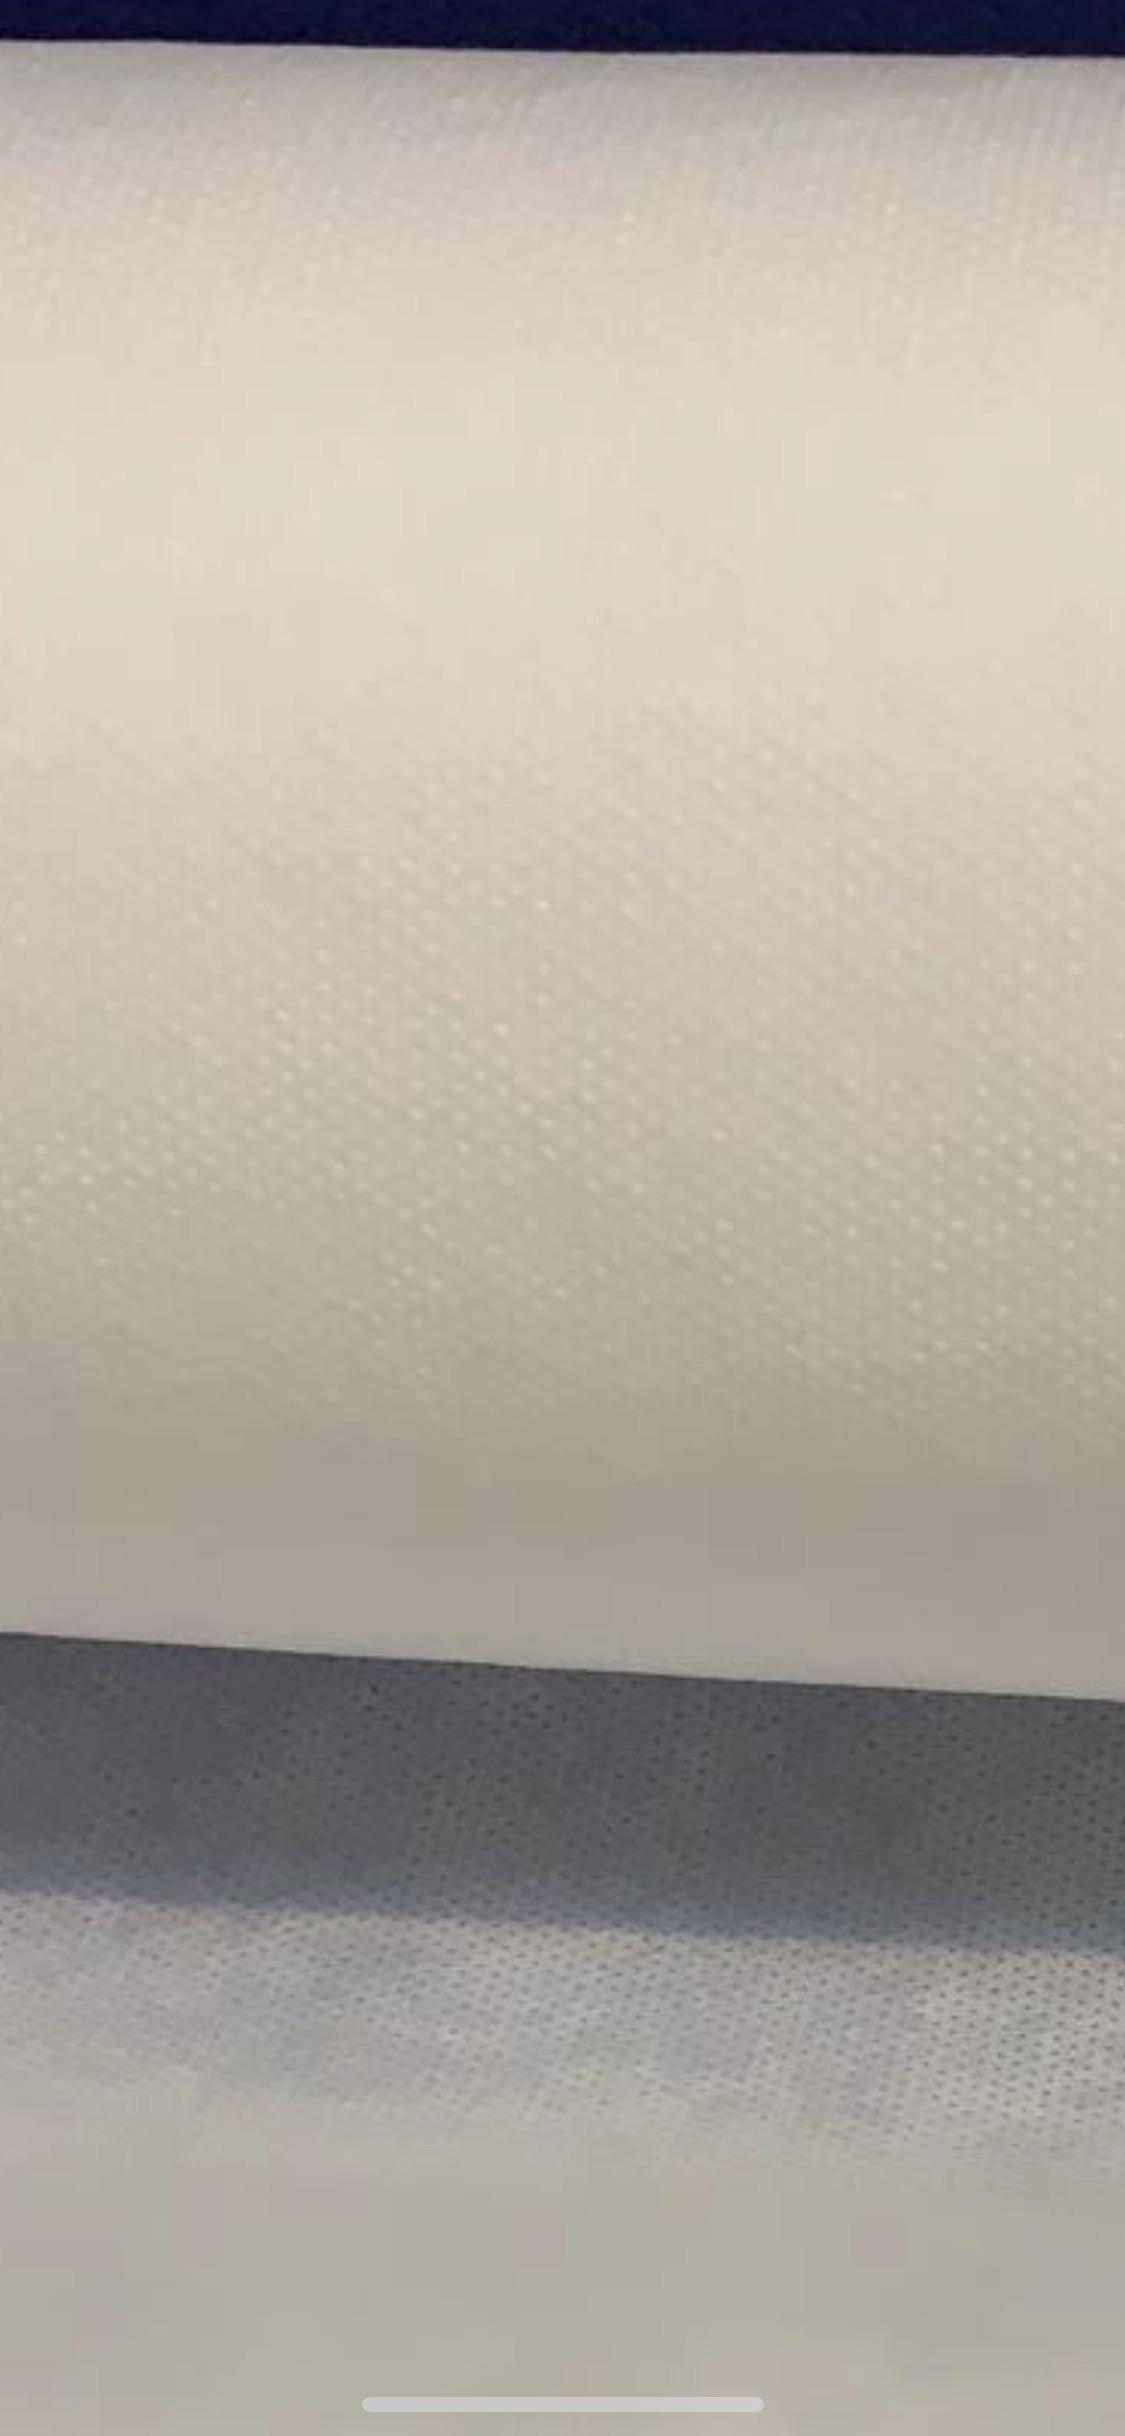 tnt triplo strato filtrante sms tessuto composto da  3 filamenti spunbonded-meltblown-spunbonded